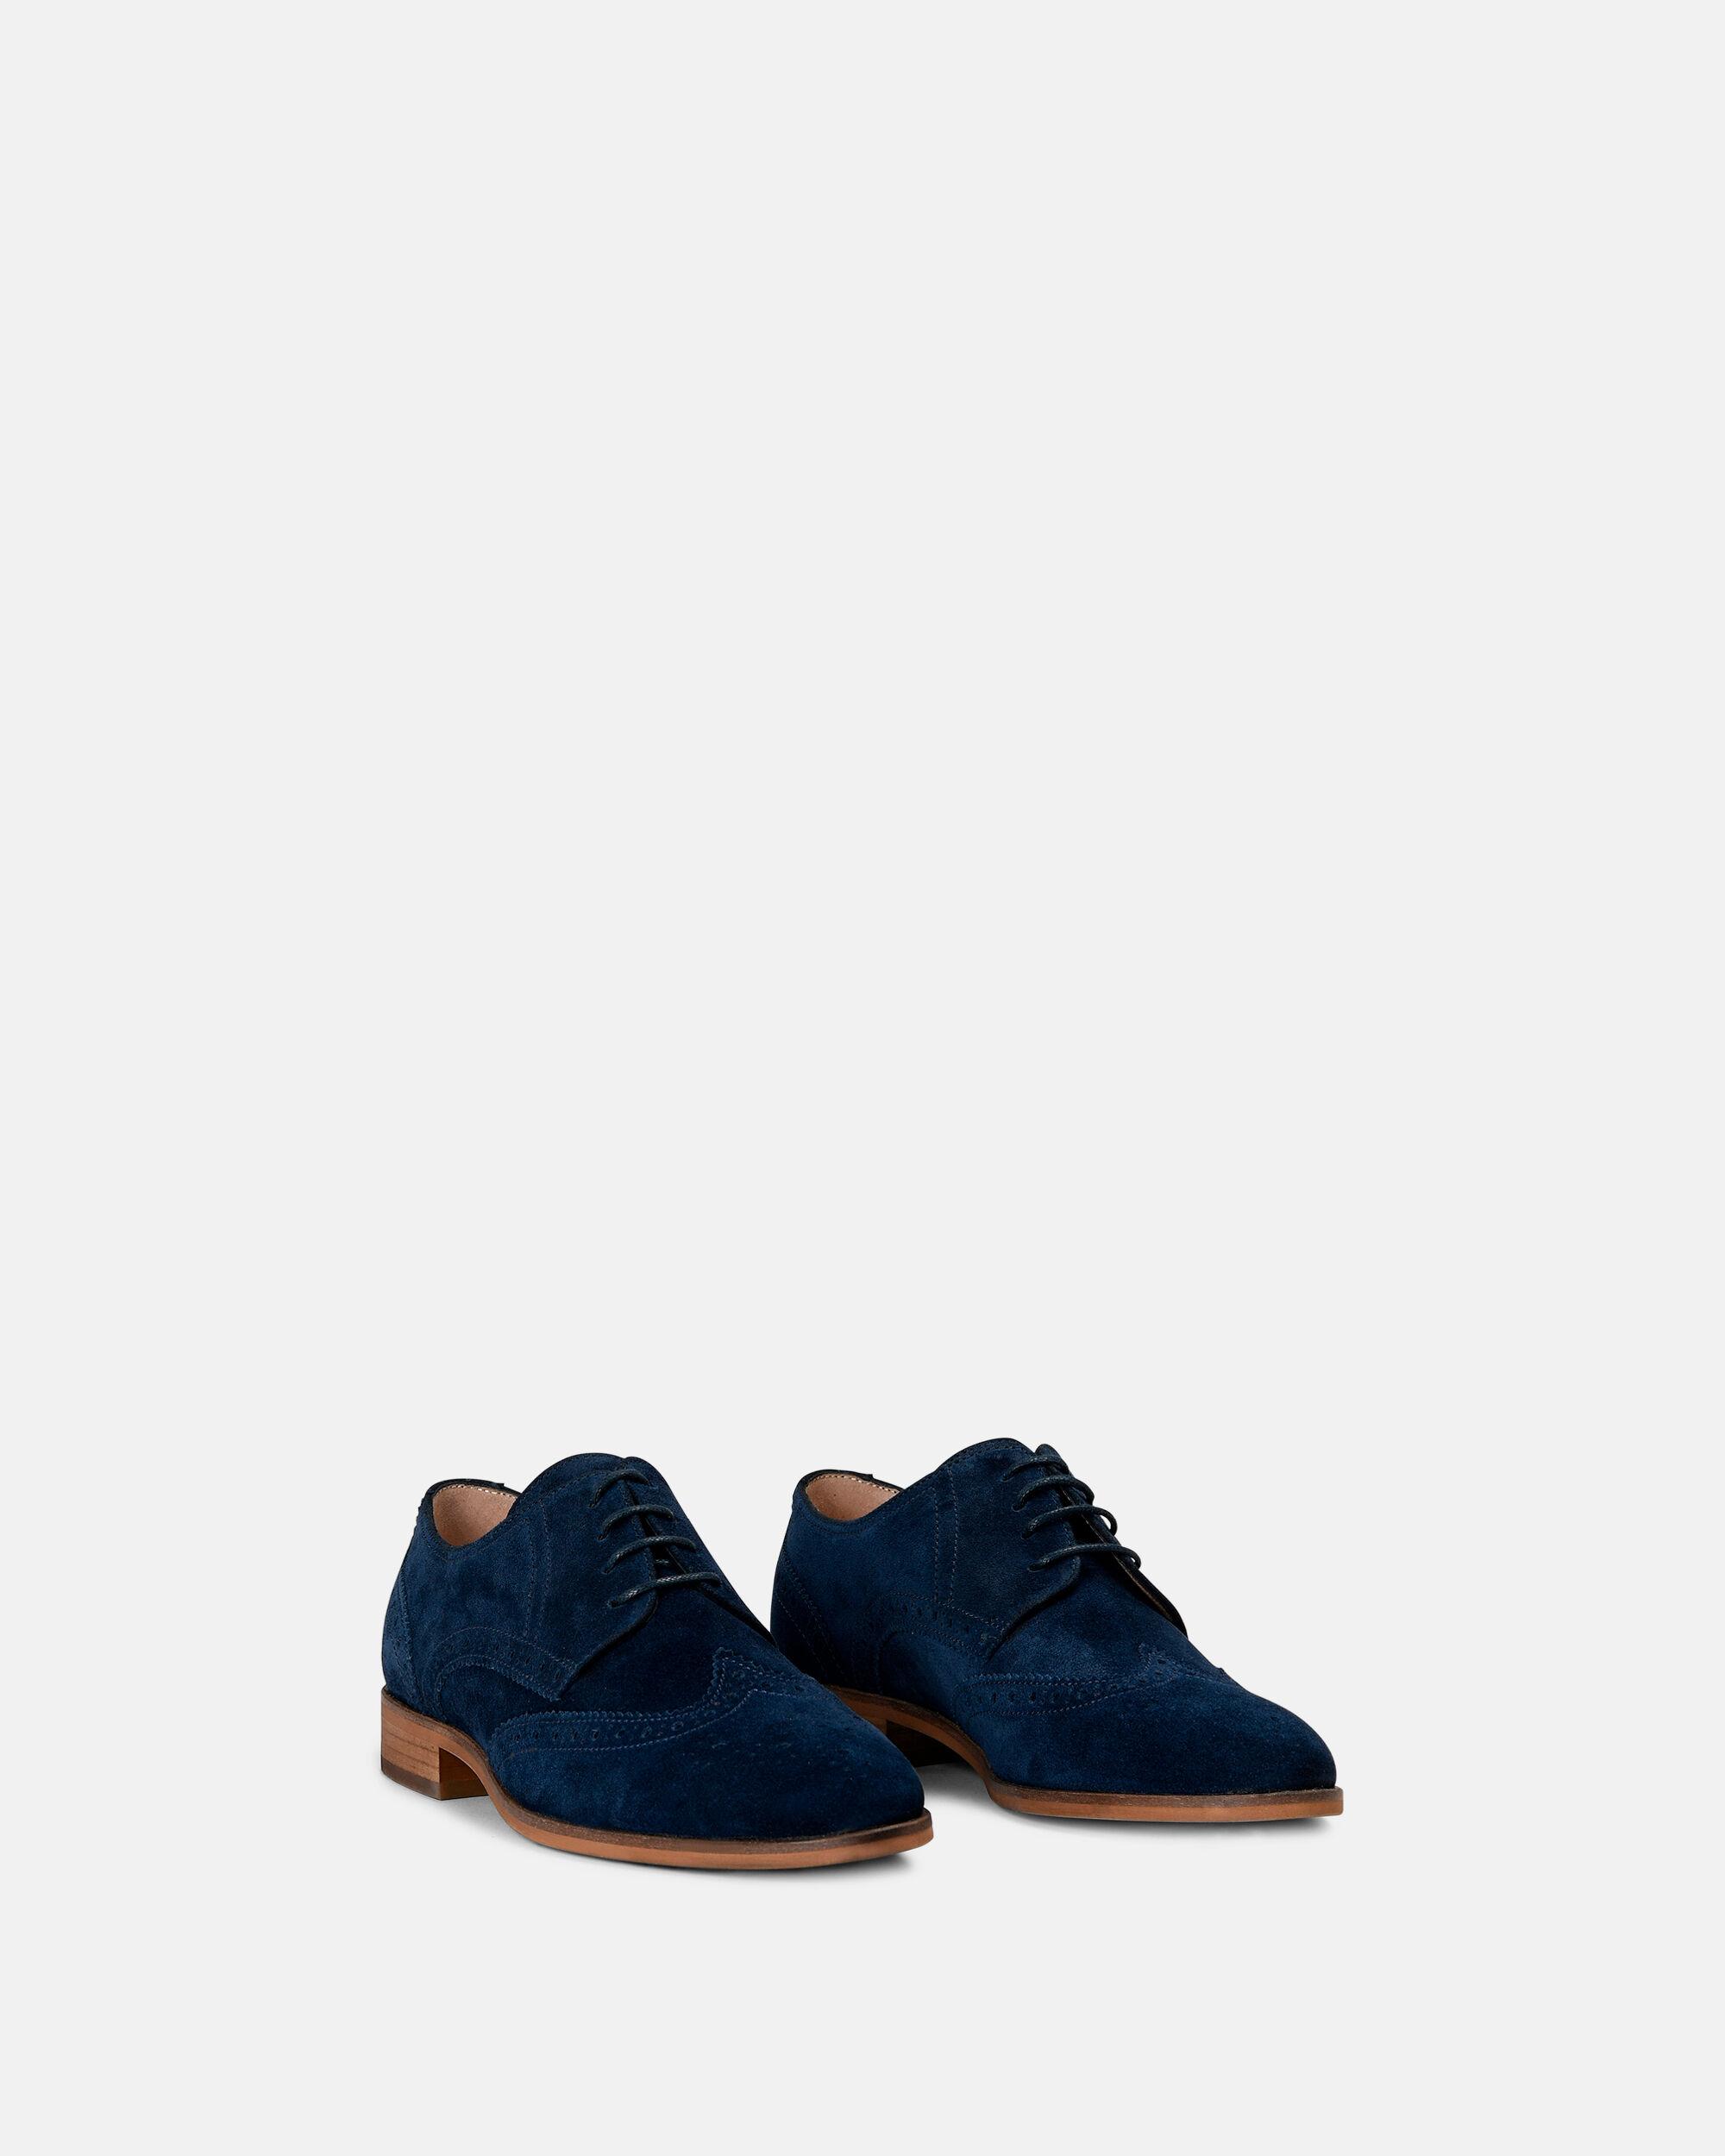 Et Pzikxu Femme Minelli Chaussures Derbies Derby Richelieu VqSzpMUG